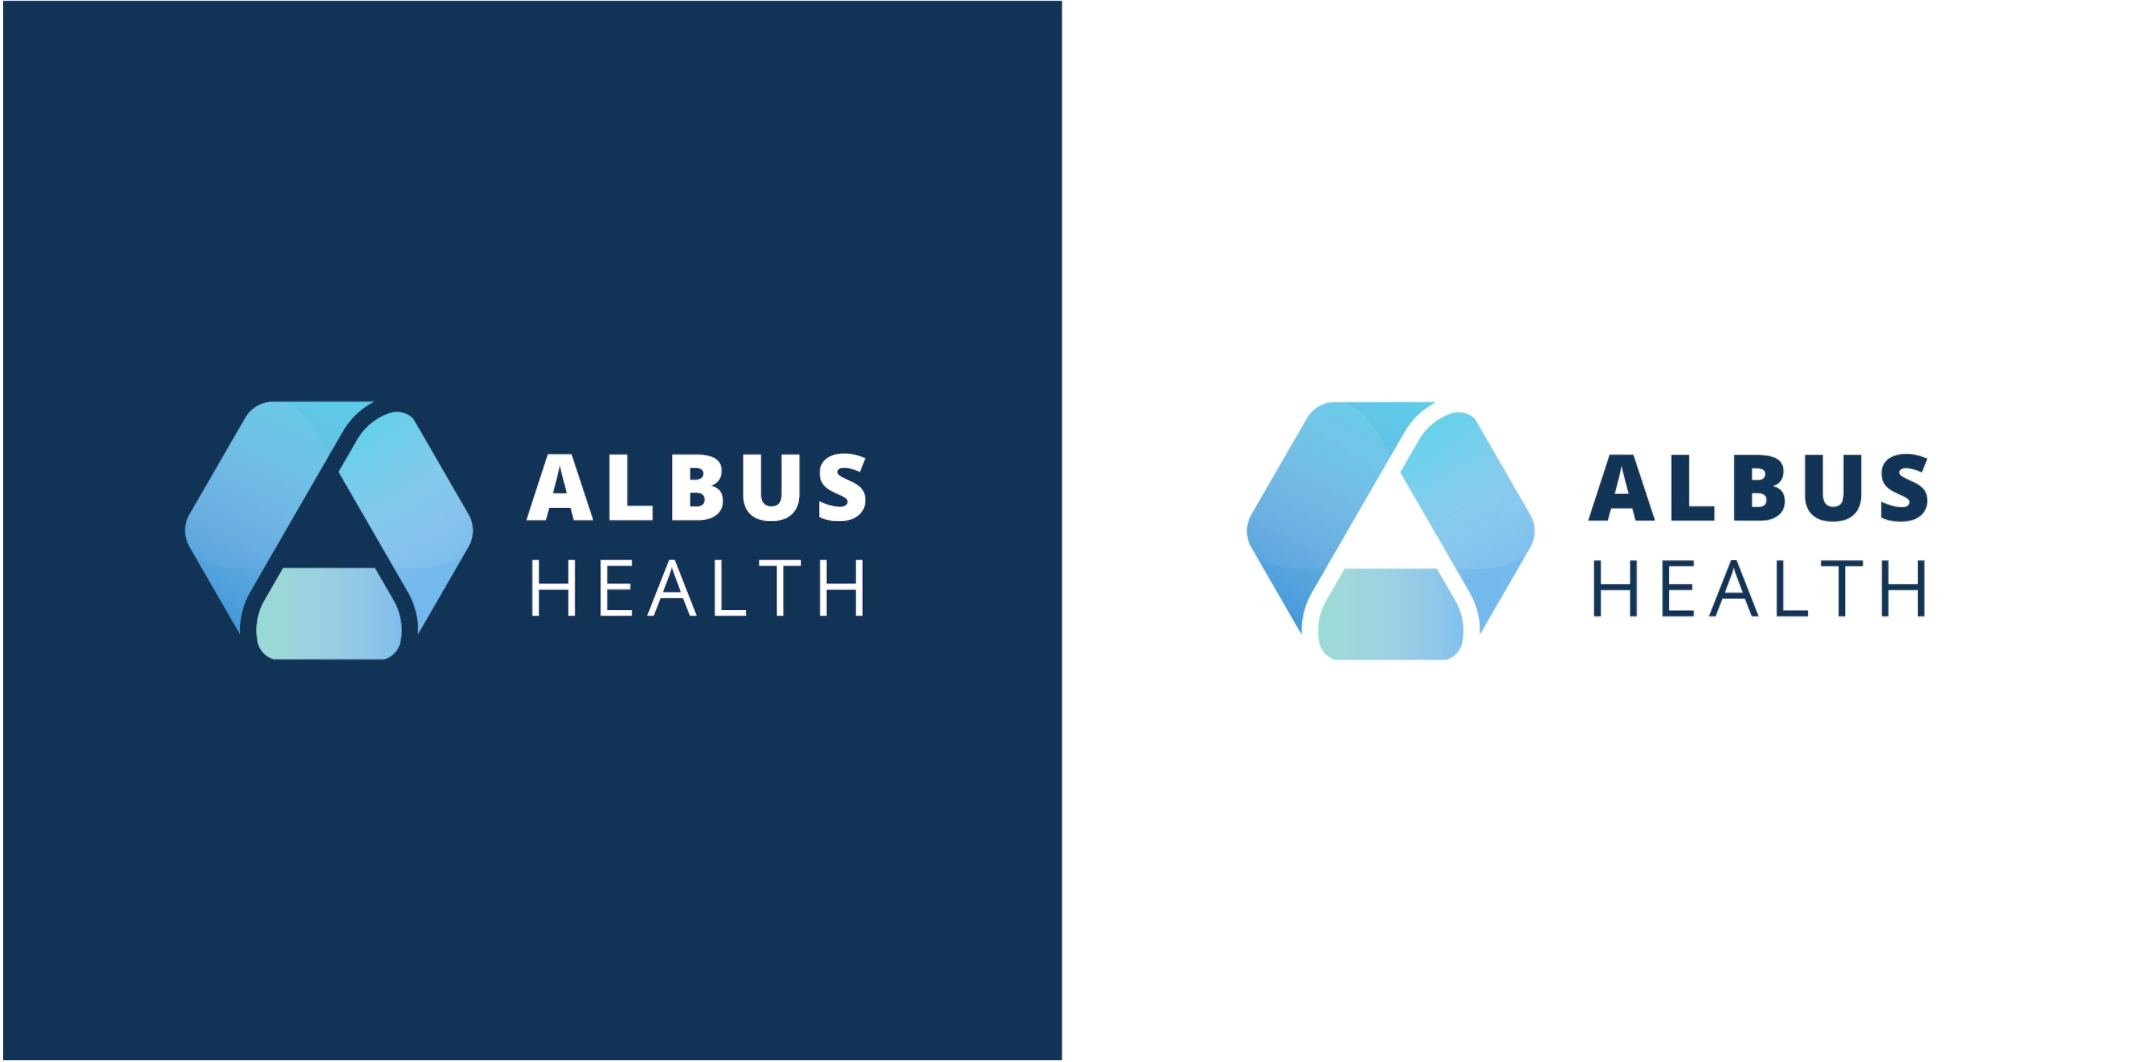 Branding for healthcare start-up Albus Health